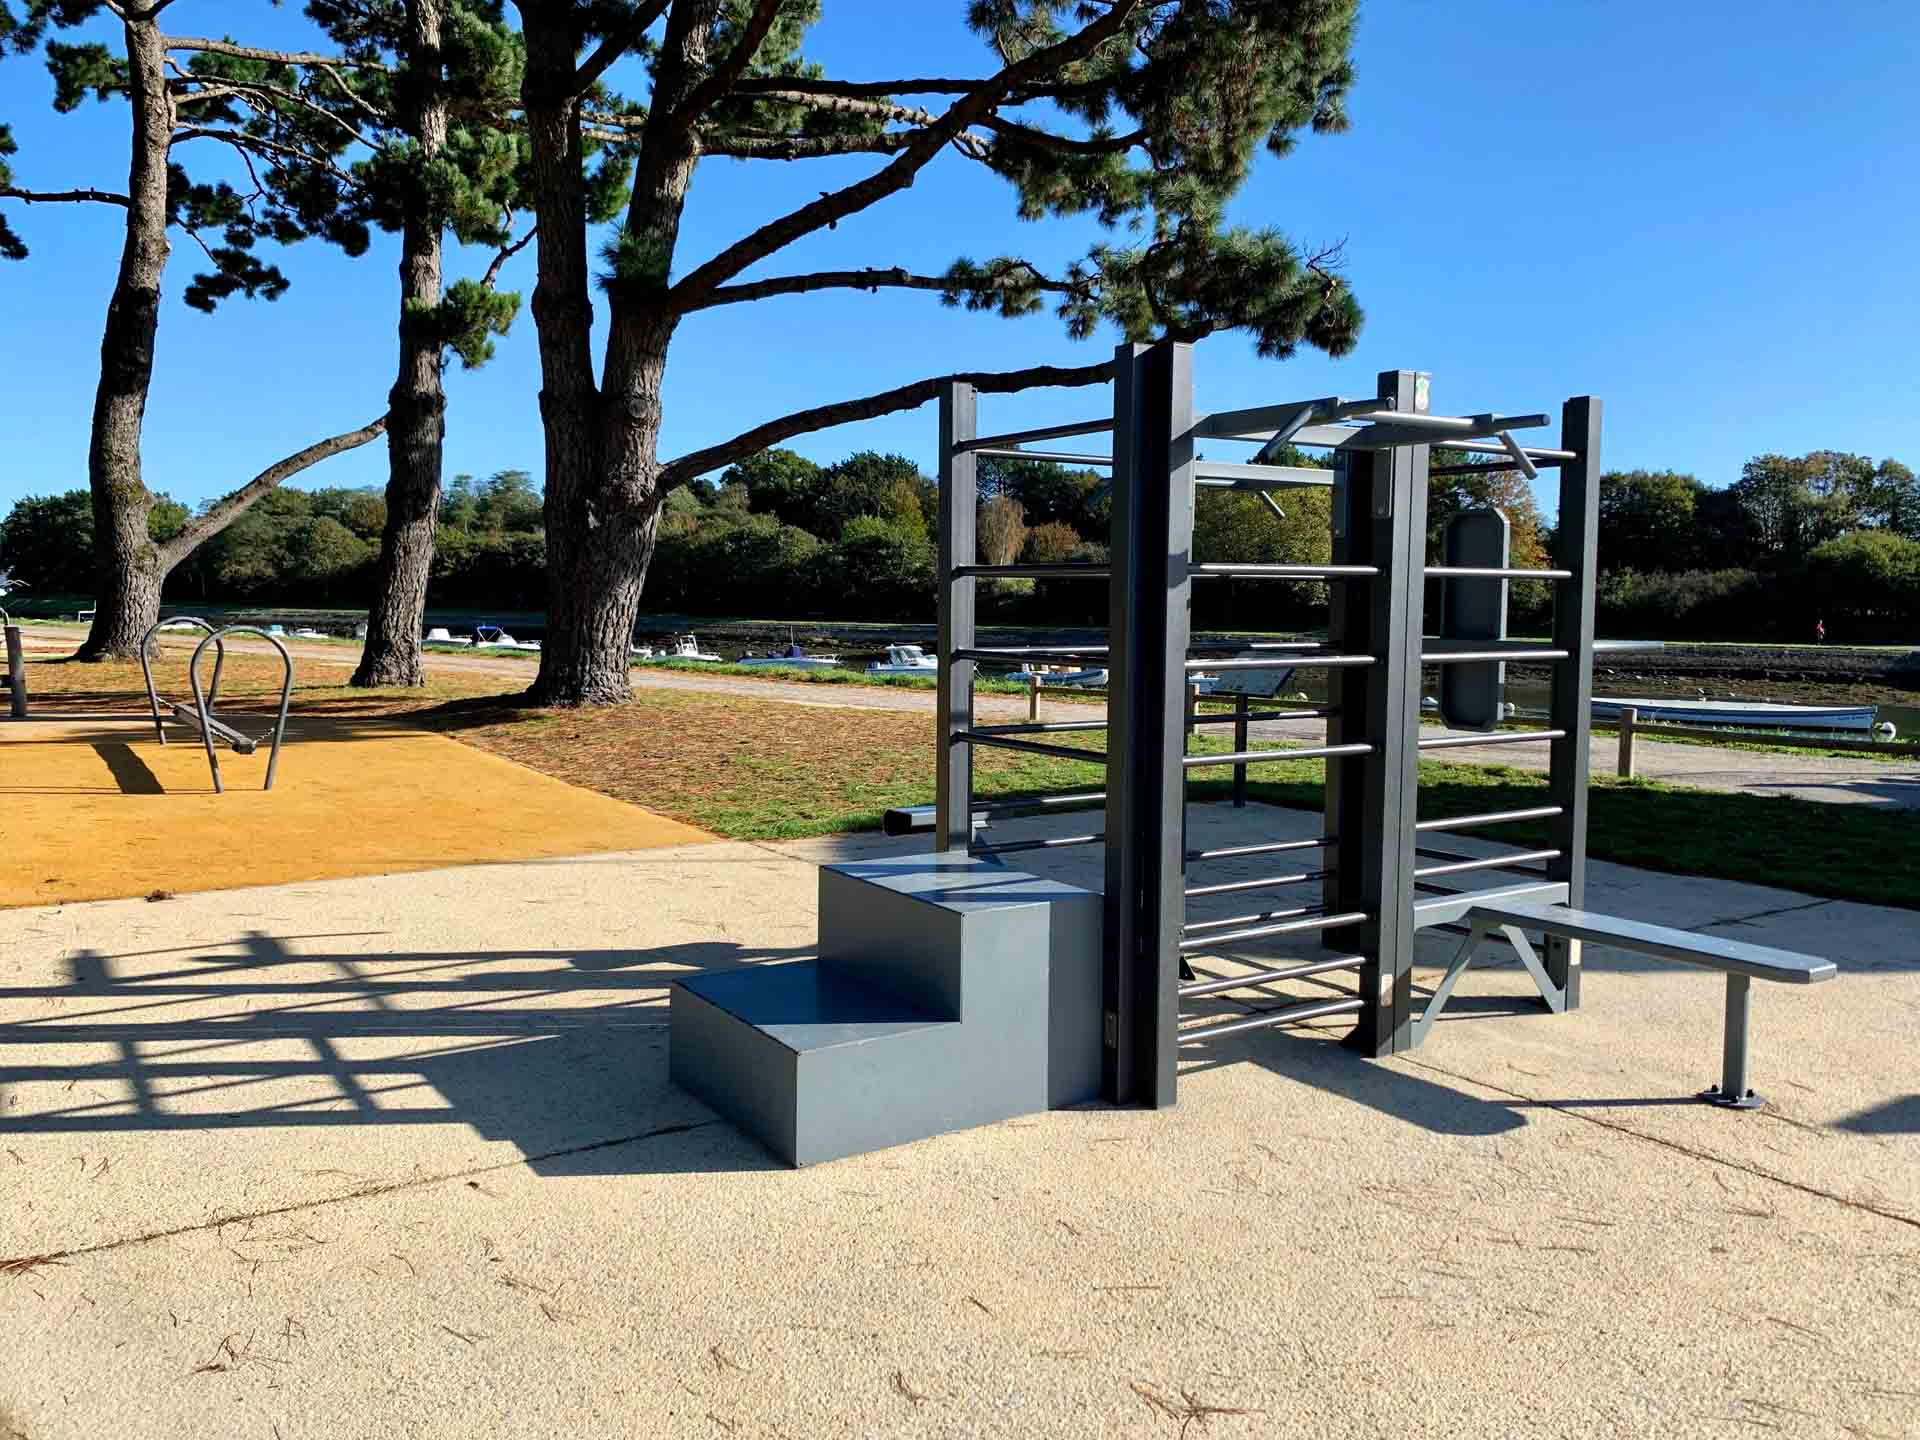 Photo de l'aire de Fitness extérieur AirFit du Parcours Santé de Vannes